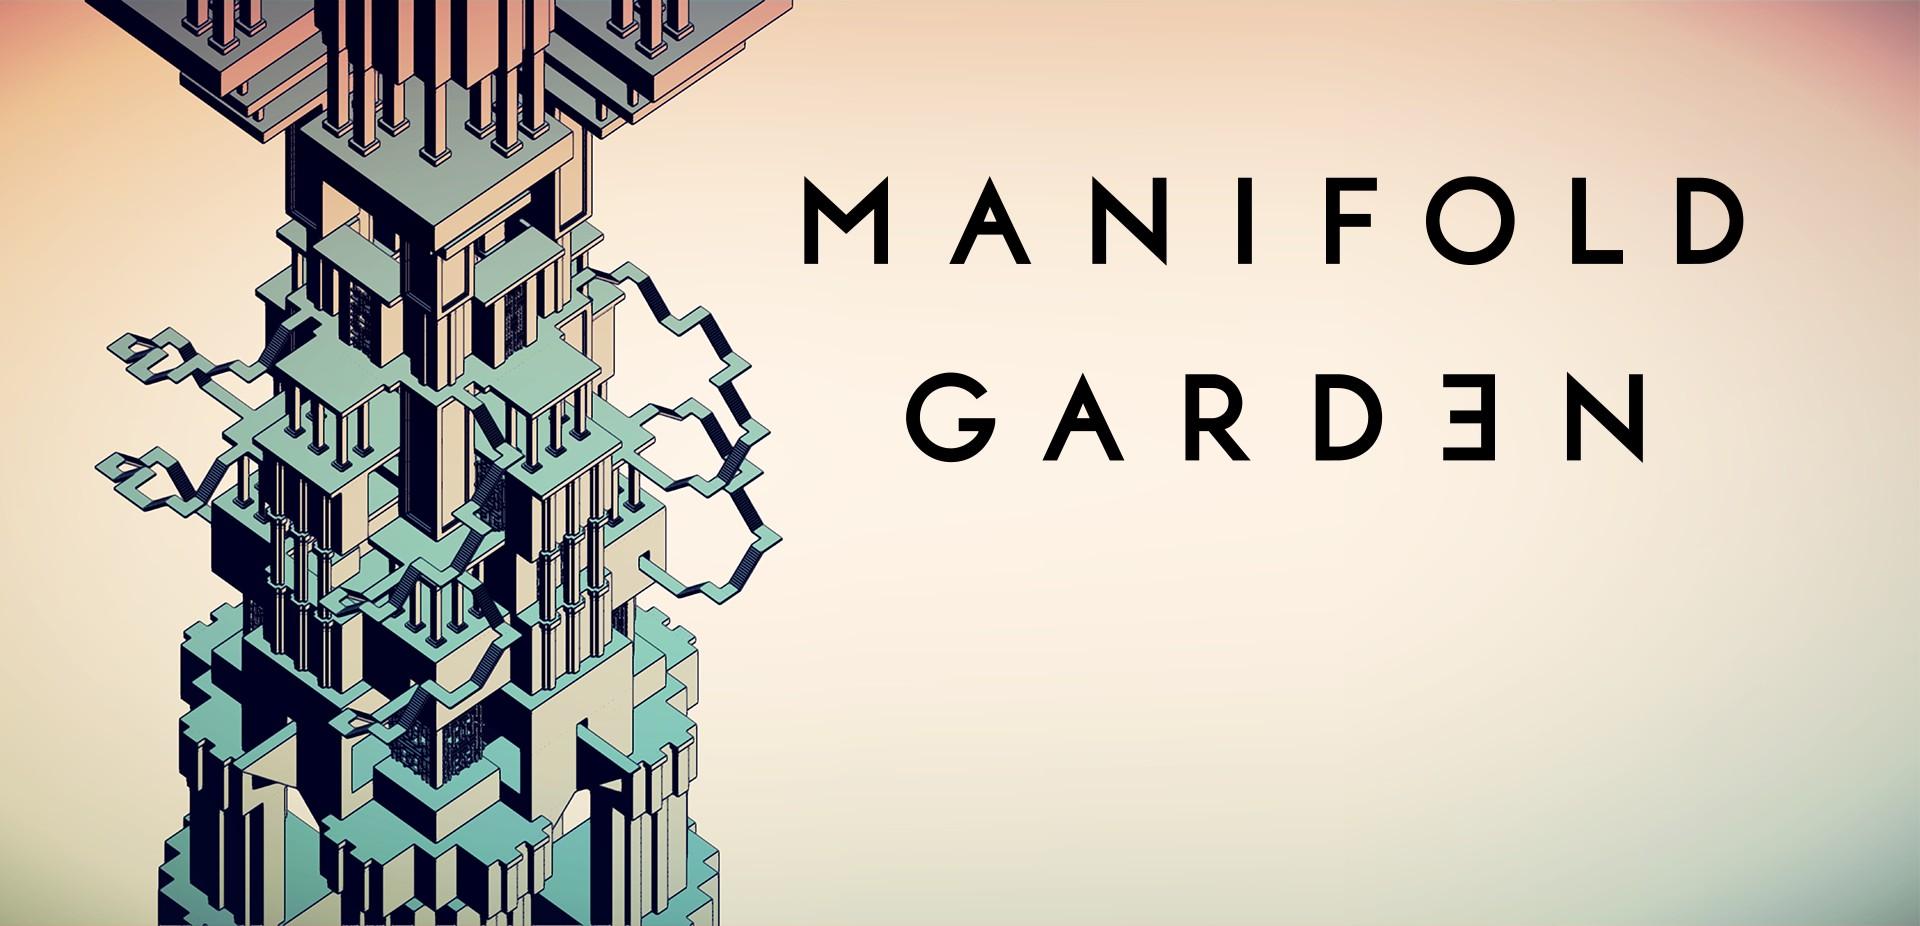 自由操纵重力 奇幻世界解谜游戏《无限宫院 Manifold Garden》 Nintendo Switch/PS4/PS5 现已正式推出!